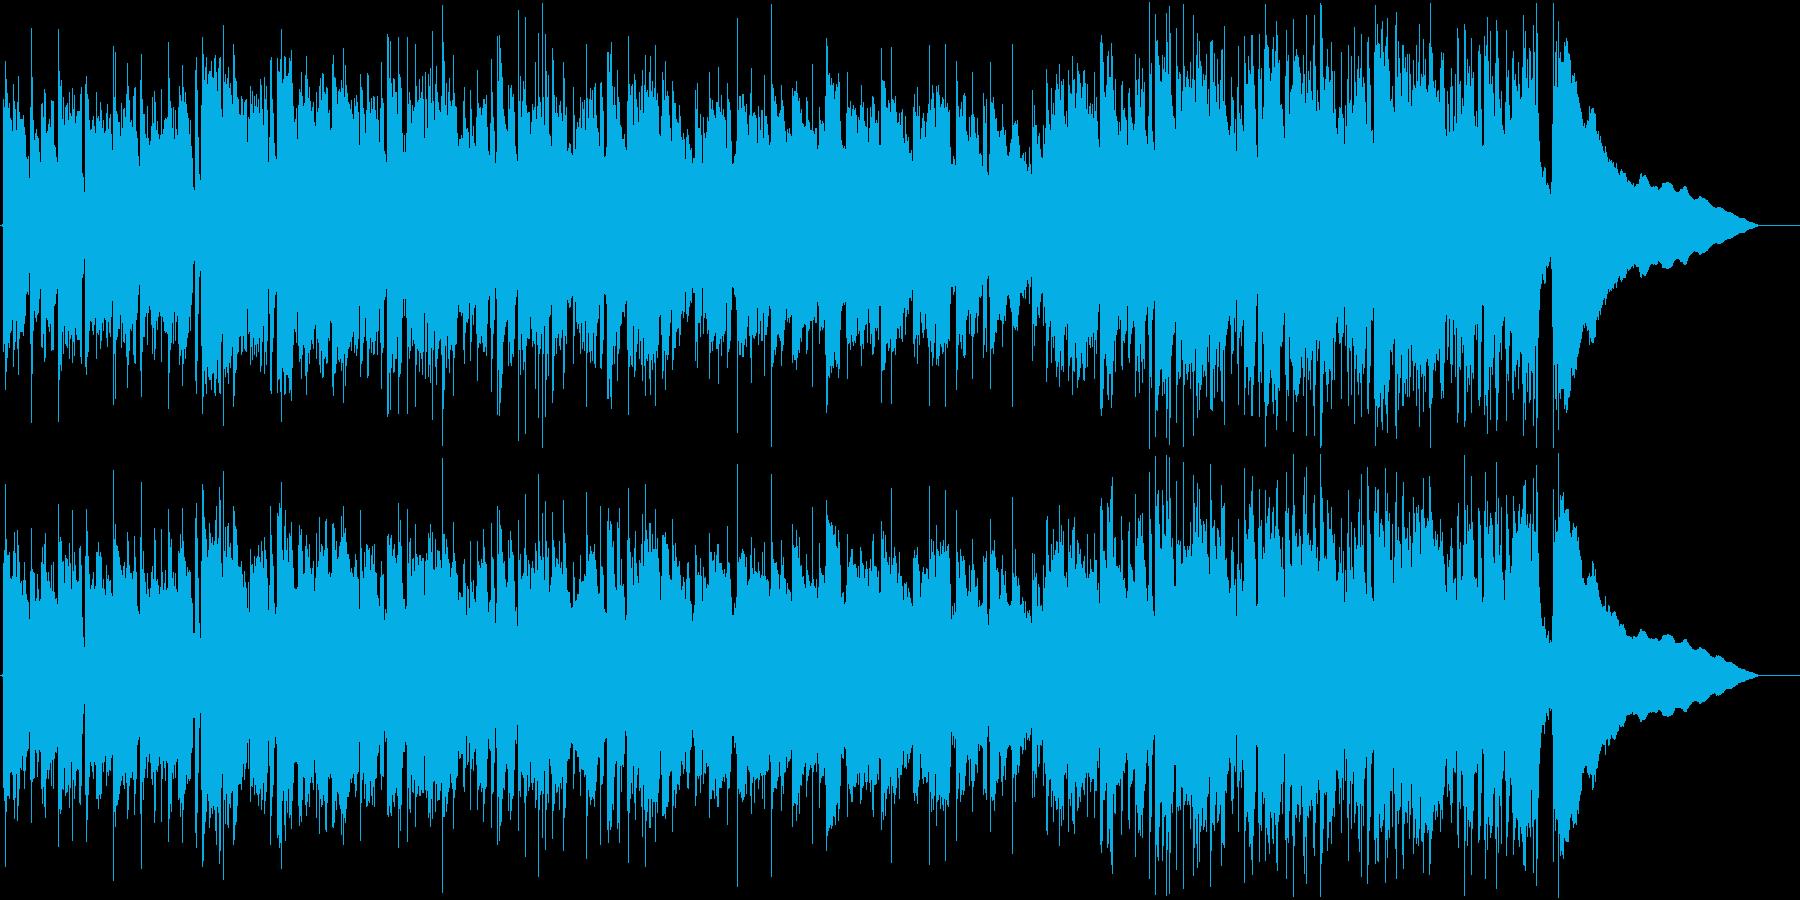 アコギが中心の穏やかな曲_ワンコーラス2の再生済みの波形